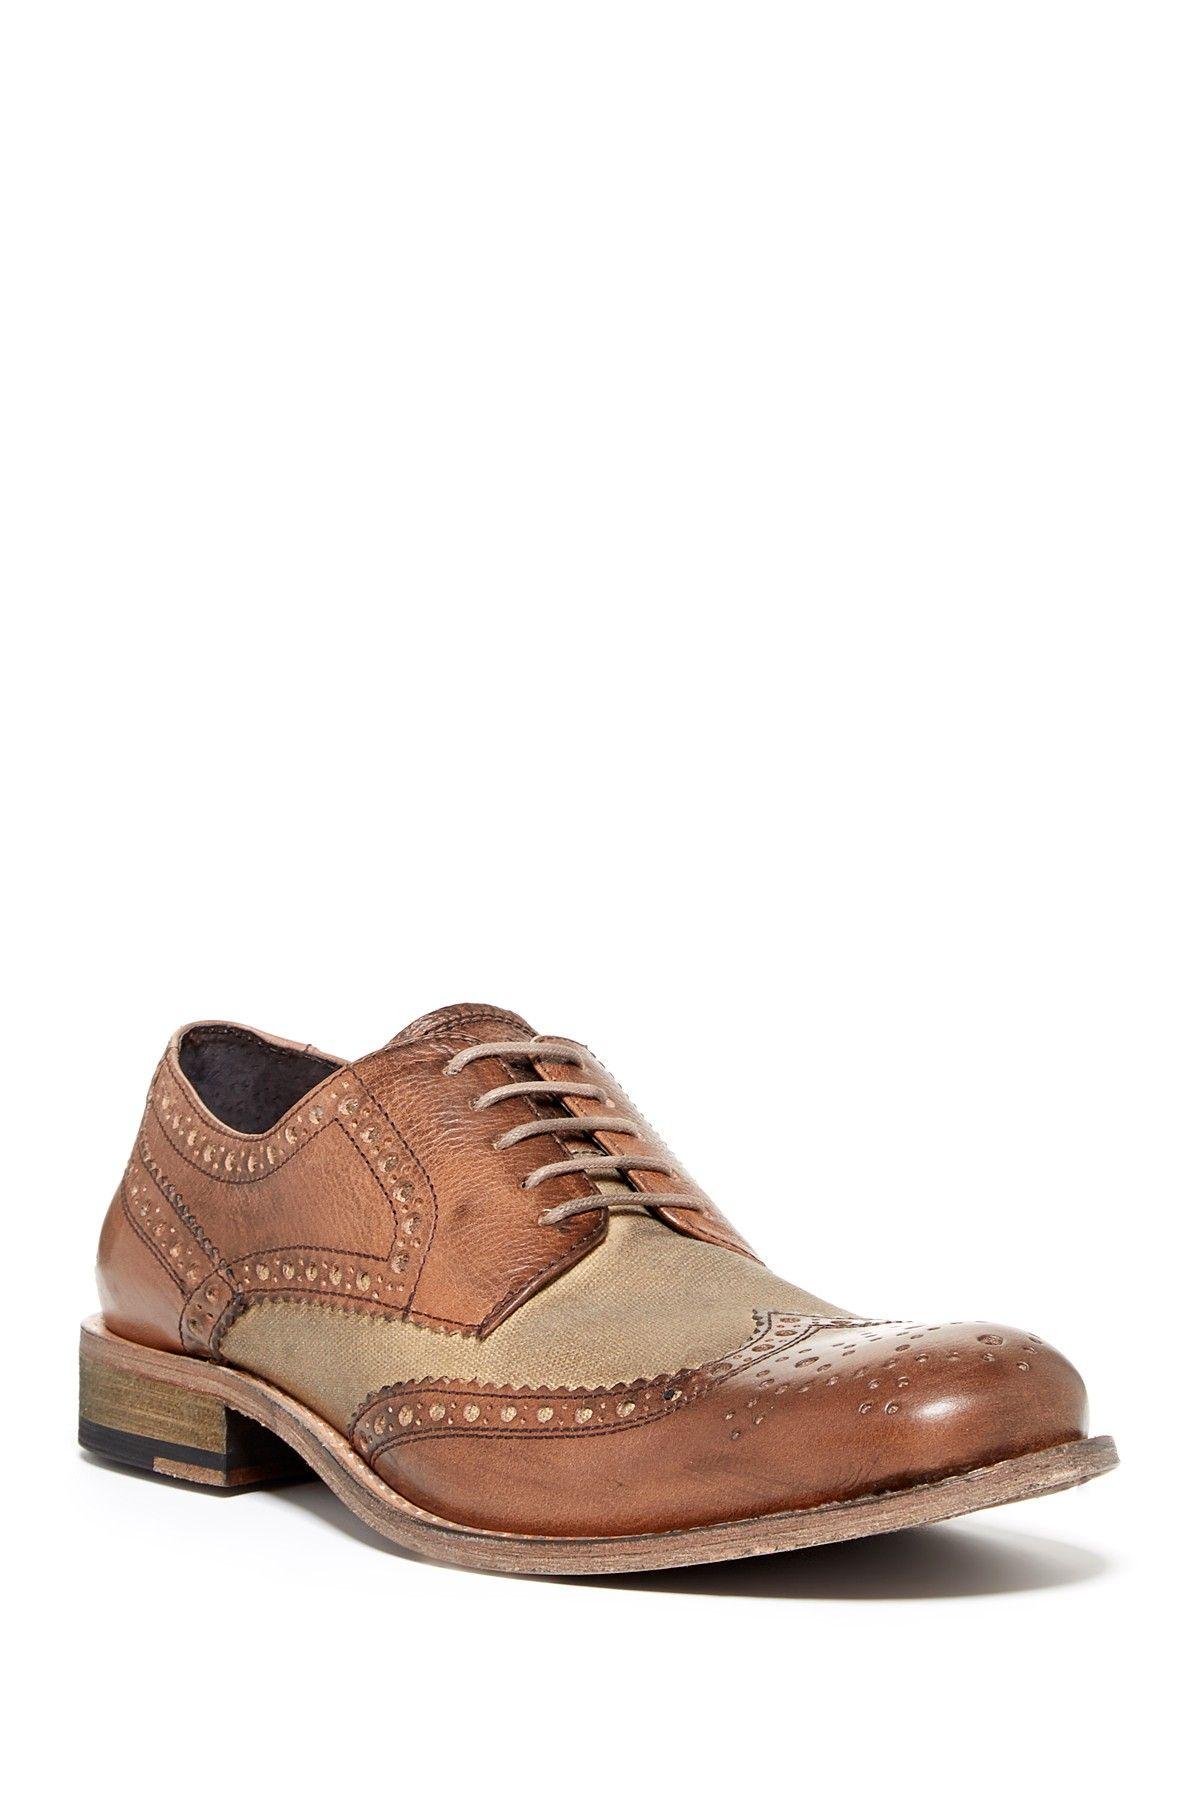 Kenneth Cole Mind Tricks Wingtip Blucher. Hot ShoesShoes ...